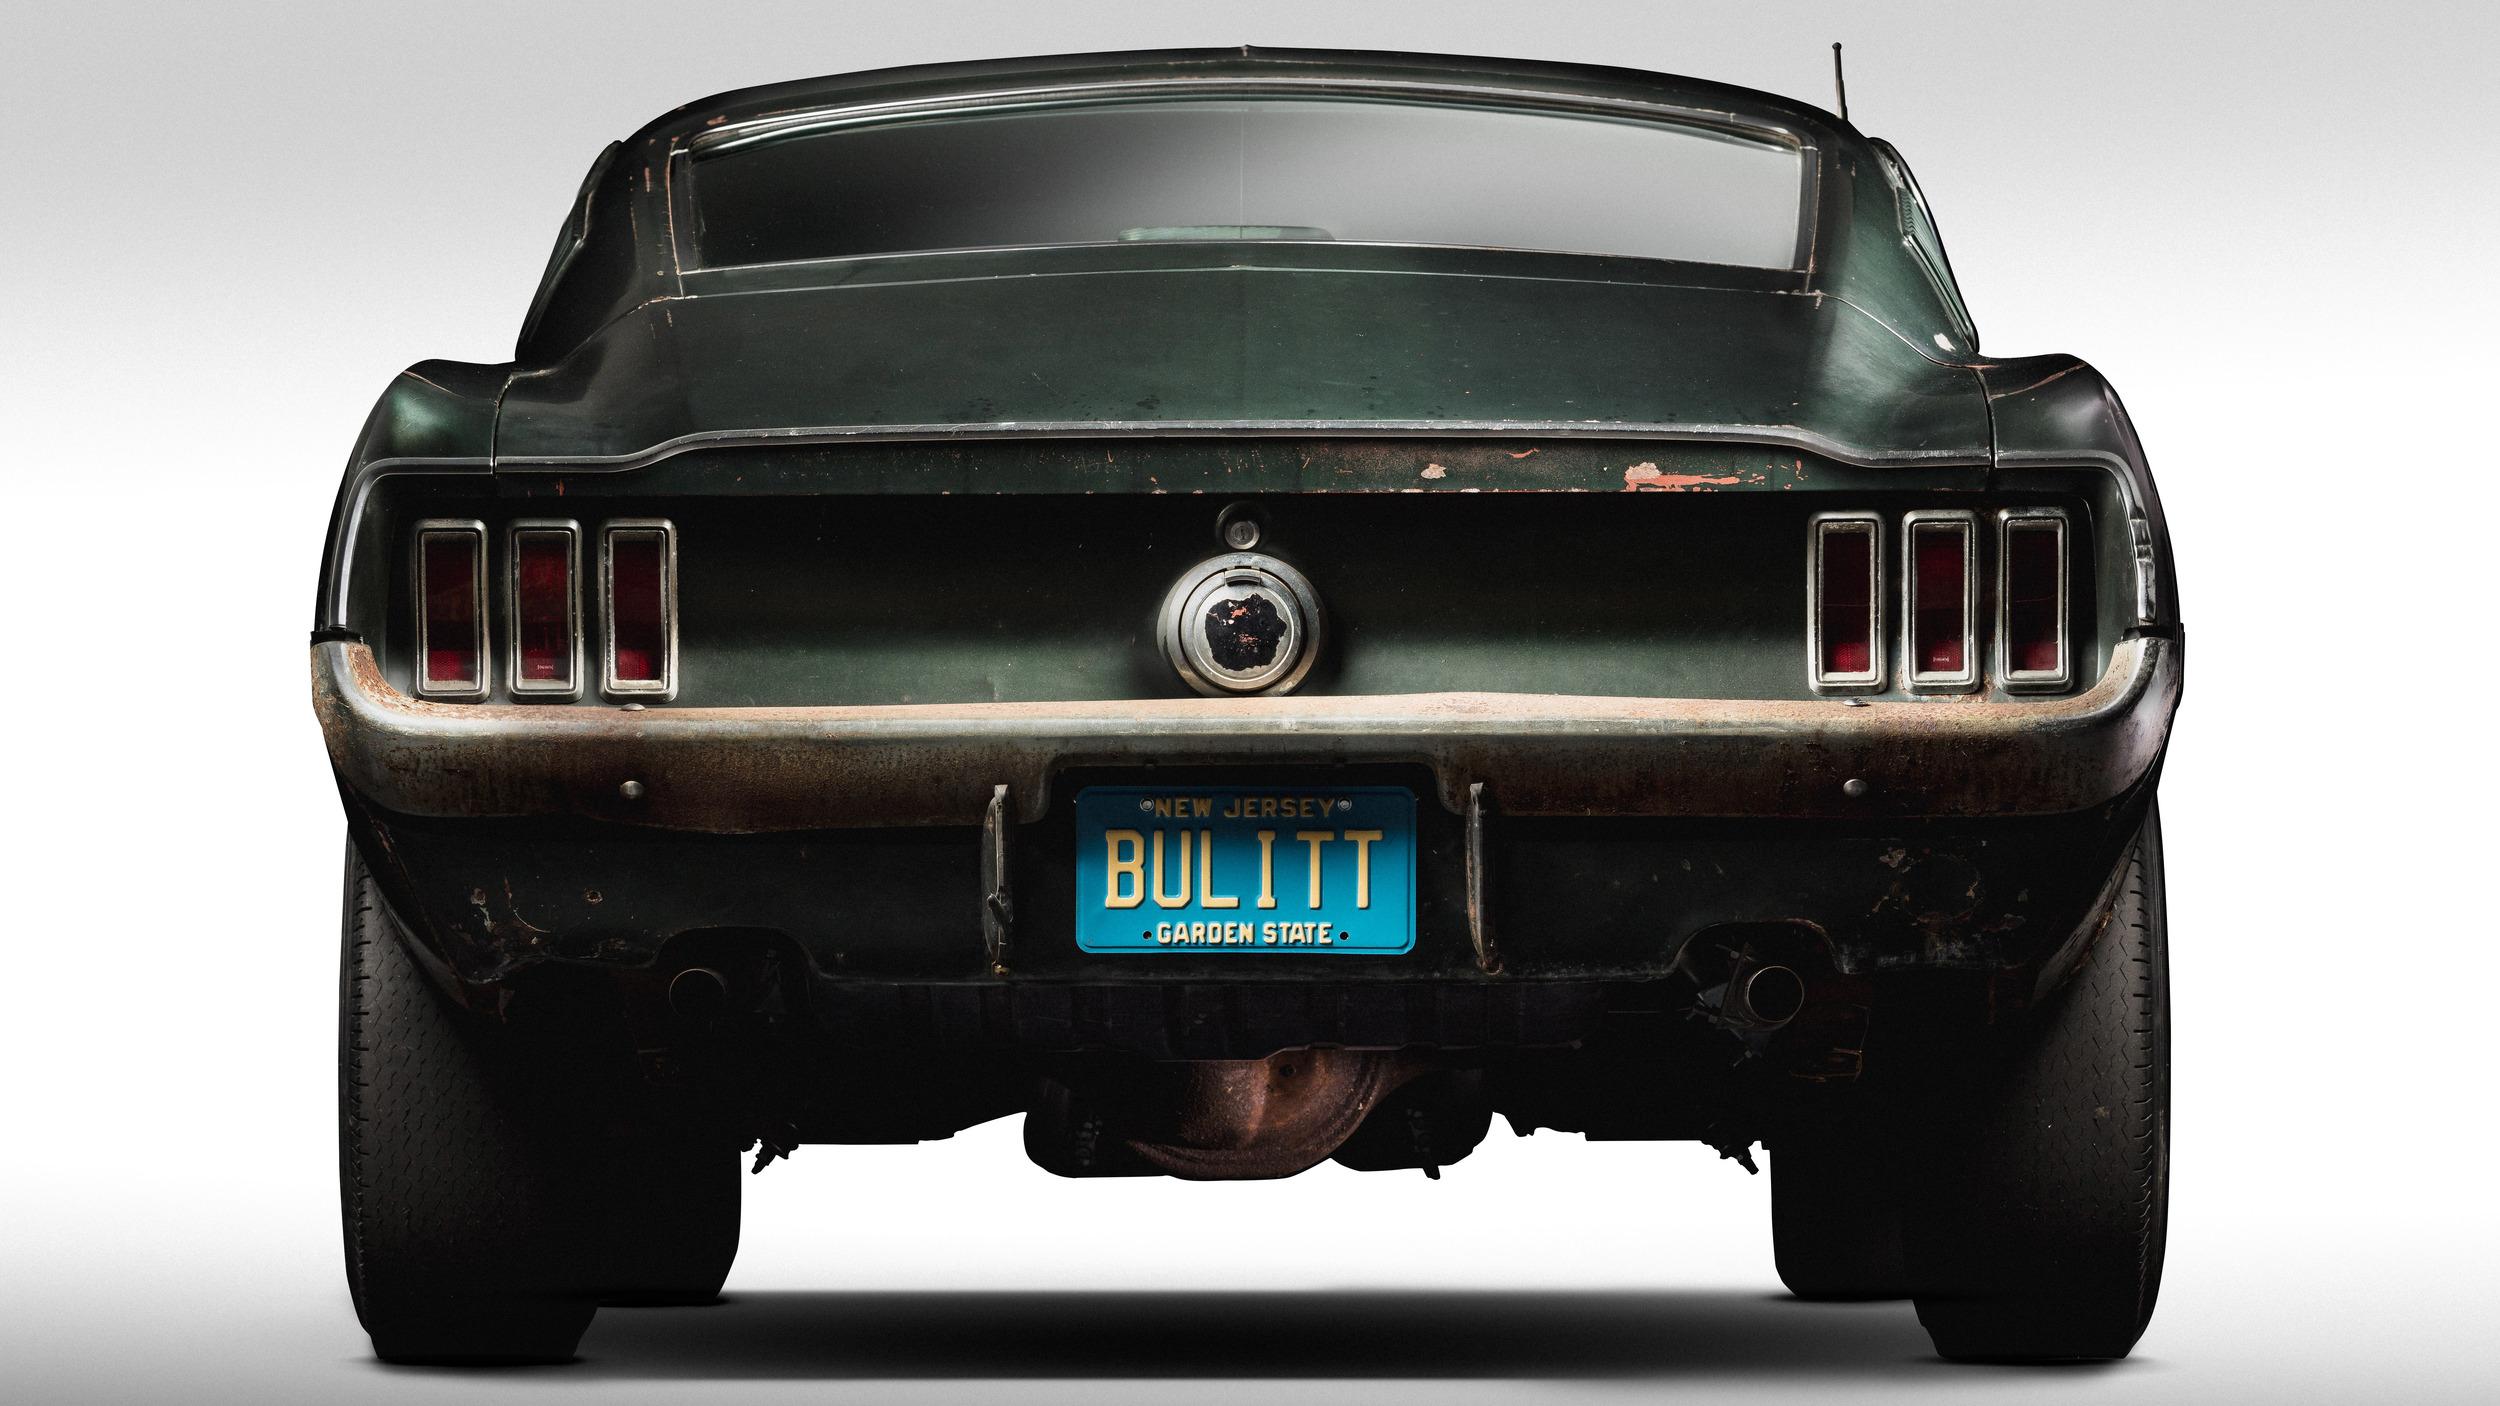 Ford Bullitt Mustang guiado por STeve McQueen